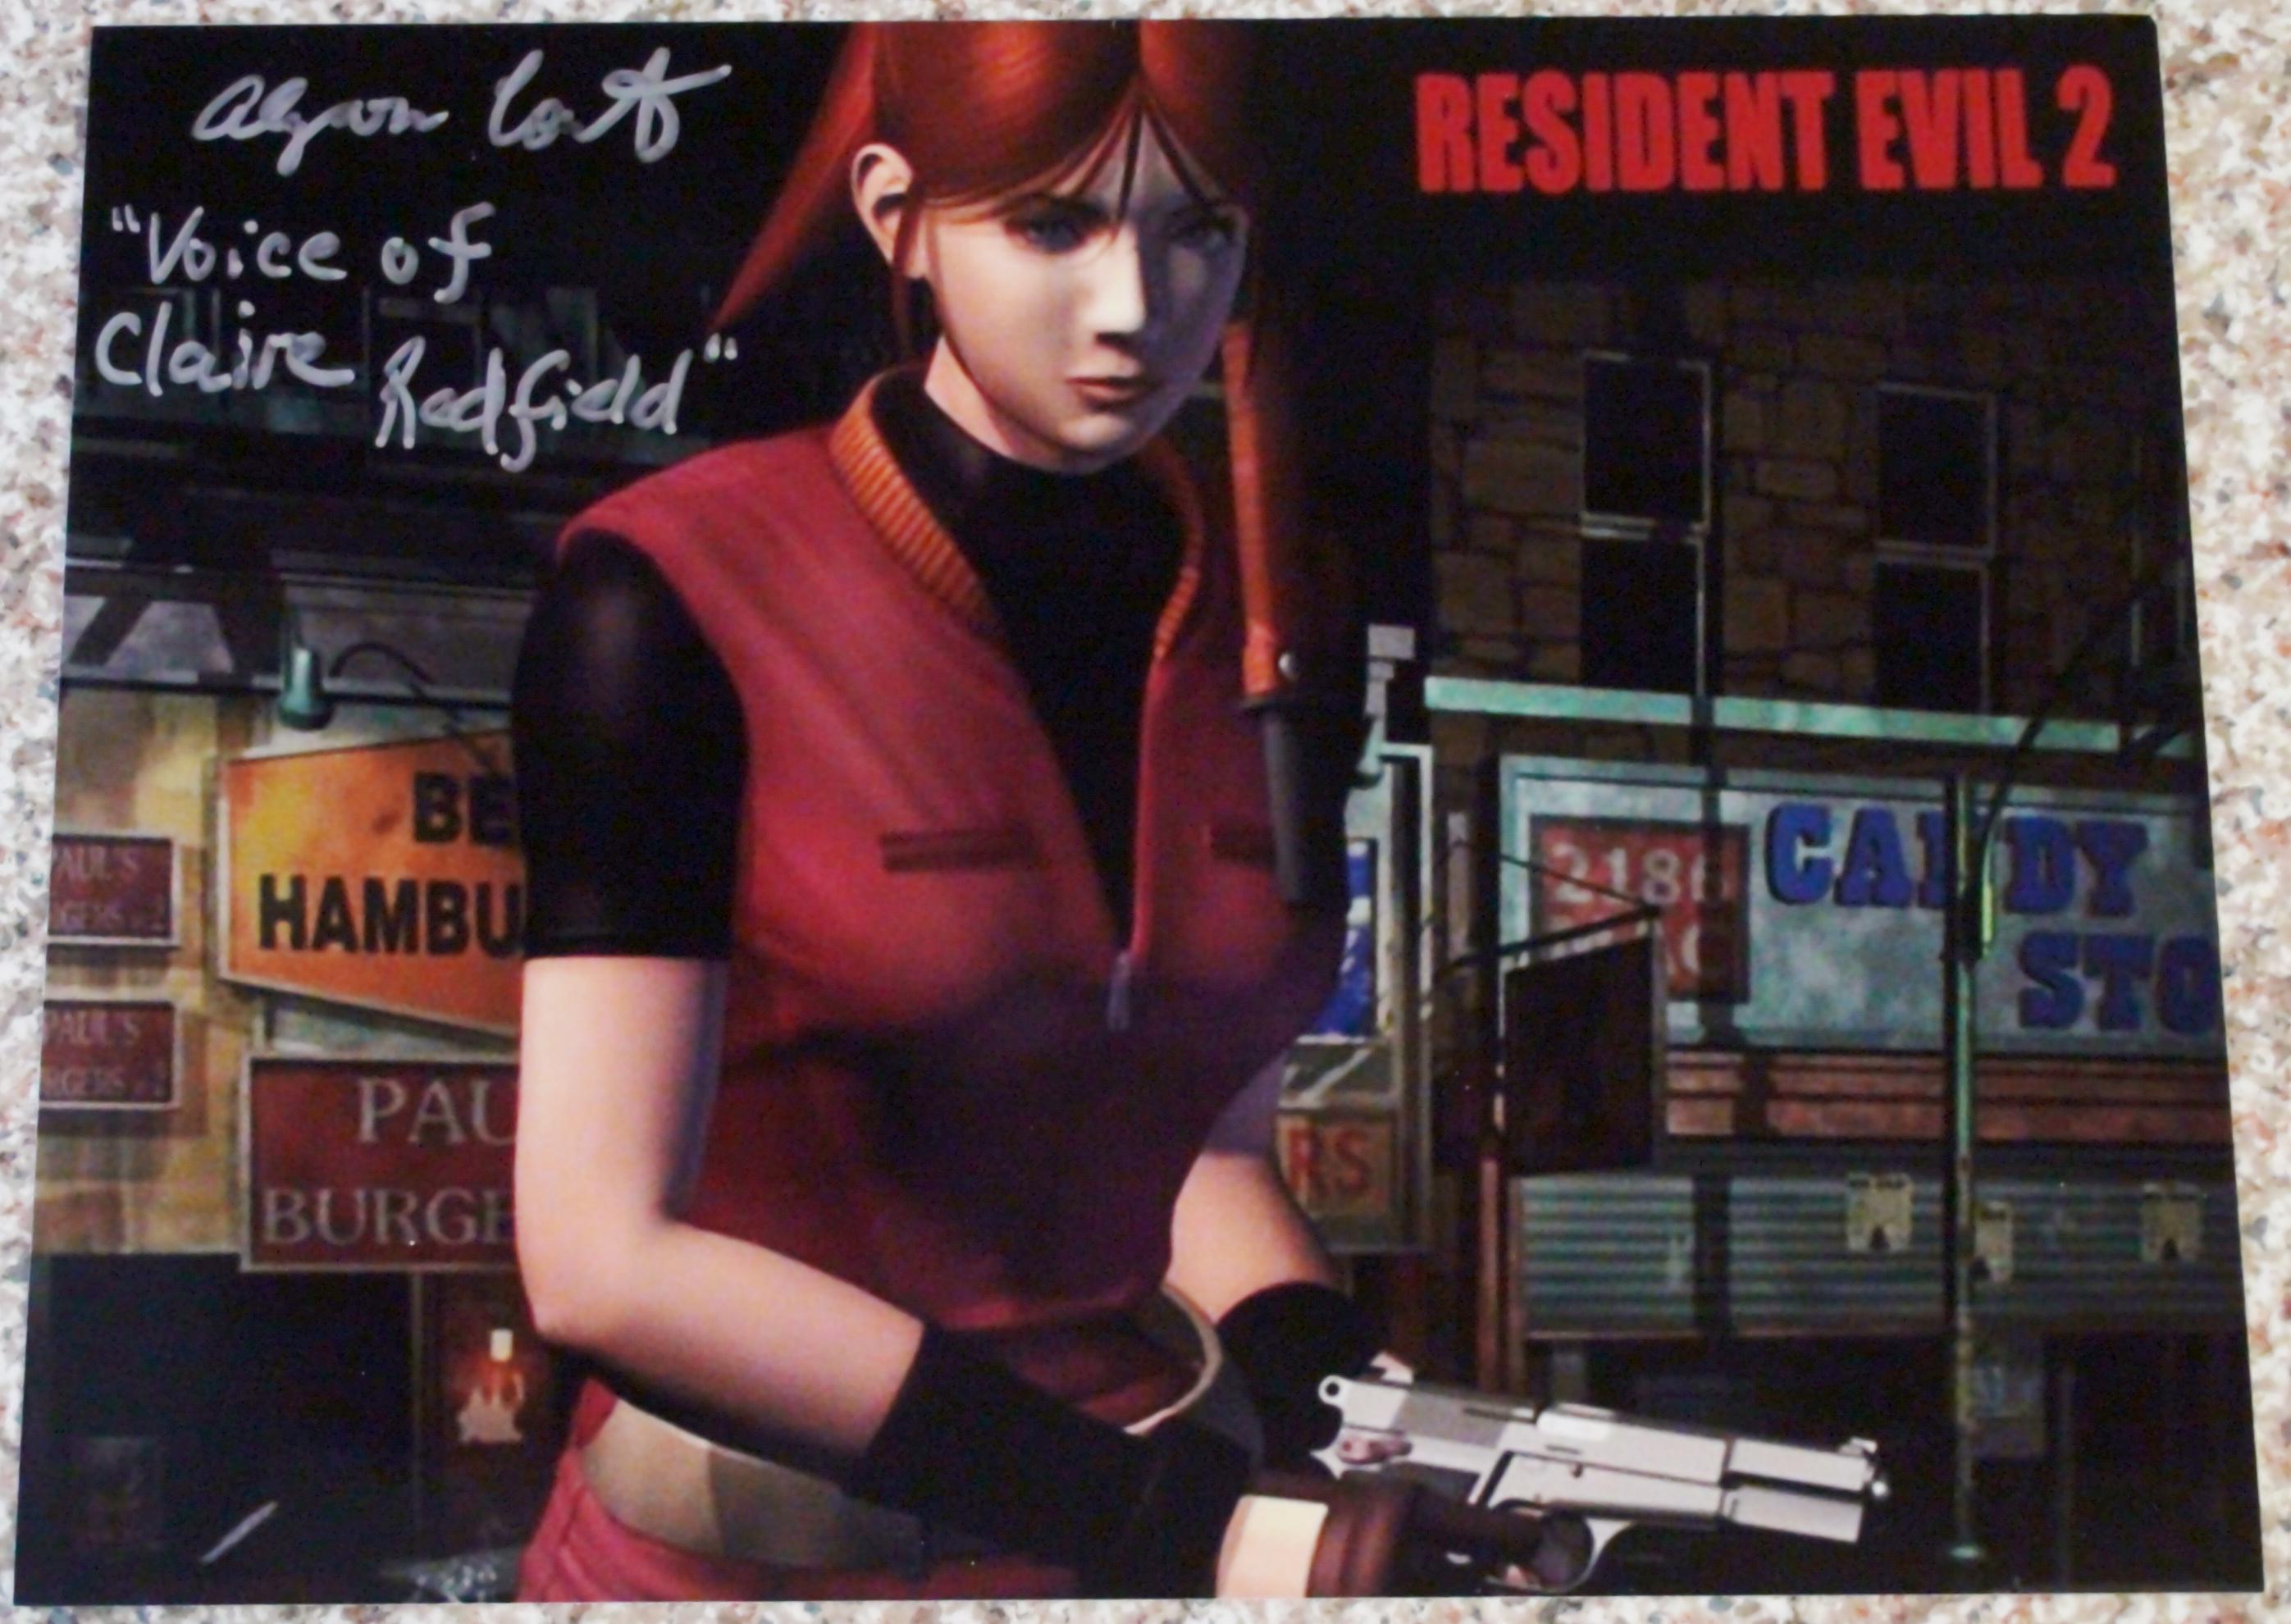 Resident Evil 2 - Alyson Court